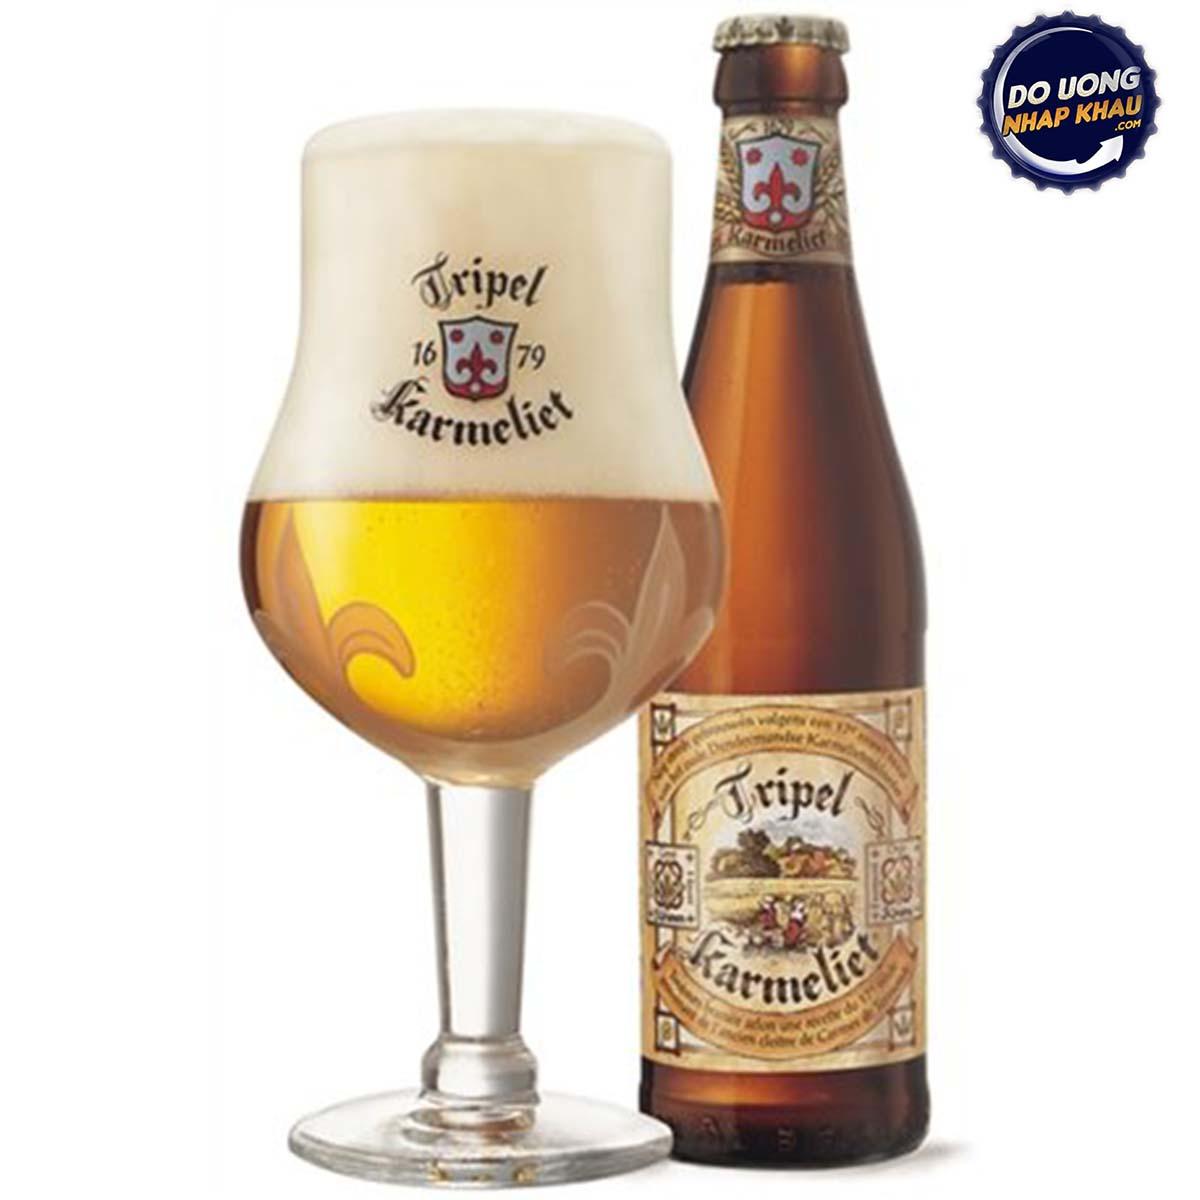 Bia Karmeliet Tripel 8,4% Bỉ